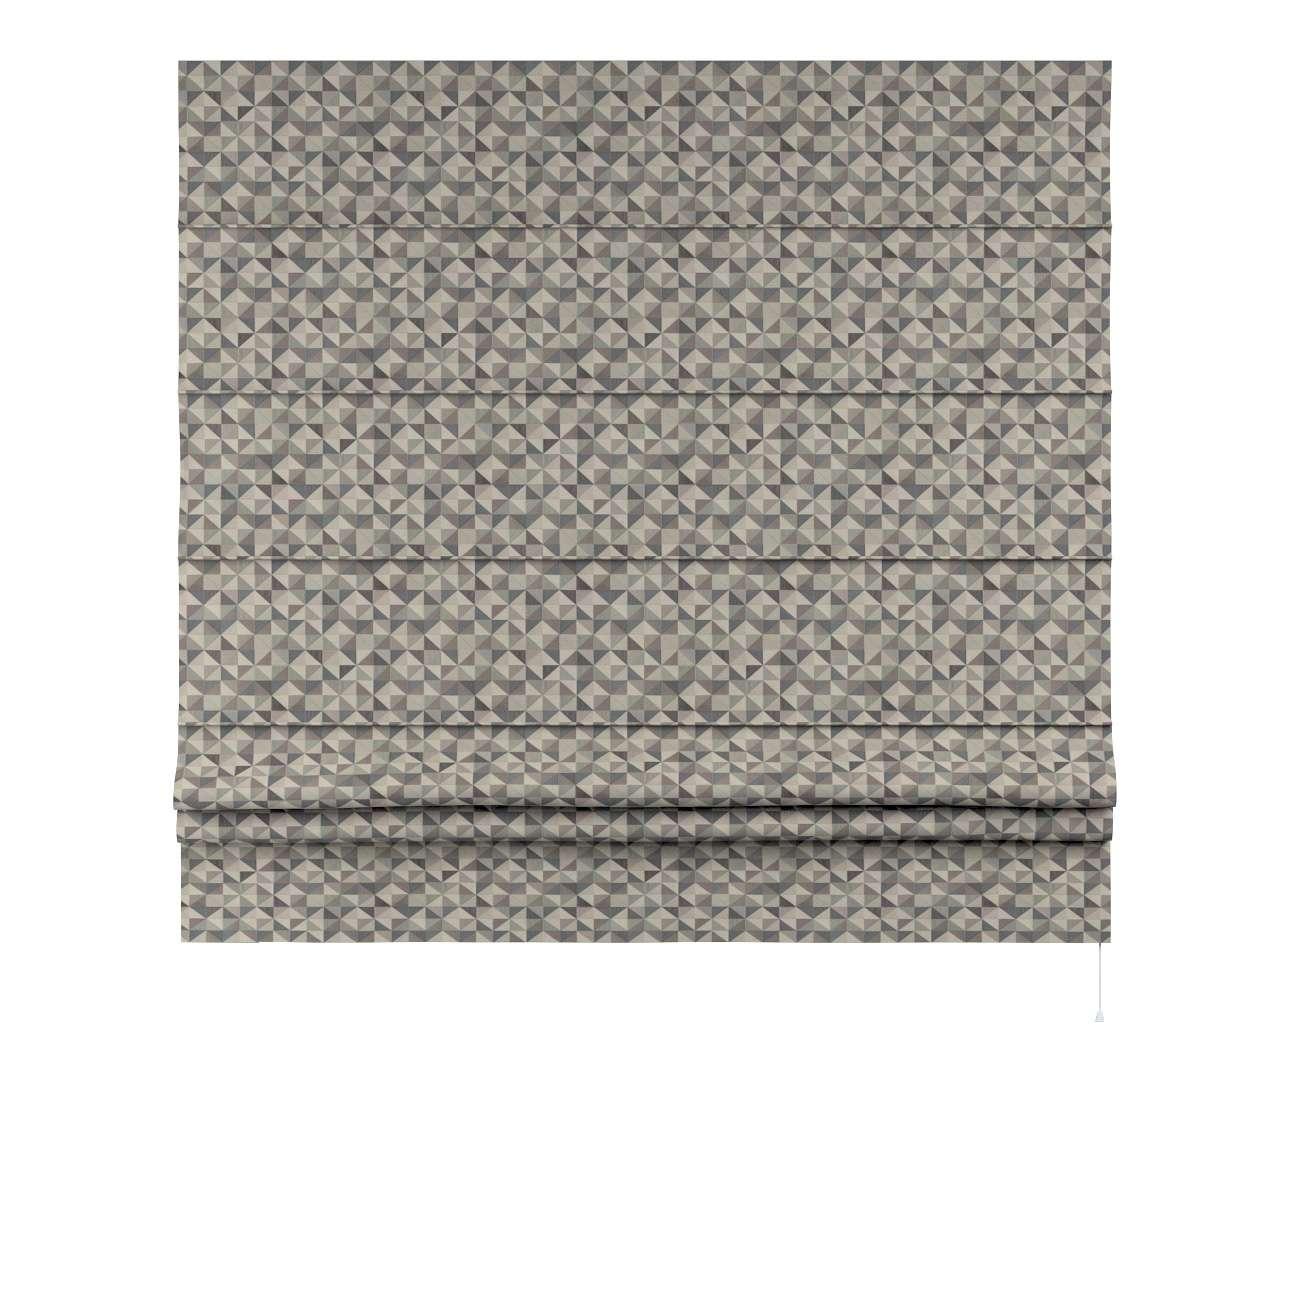 Vouwgordijn Padva van de collectie SALE, Stof: 142-84